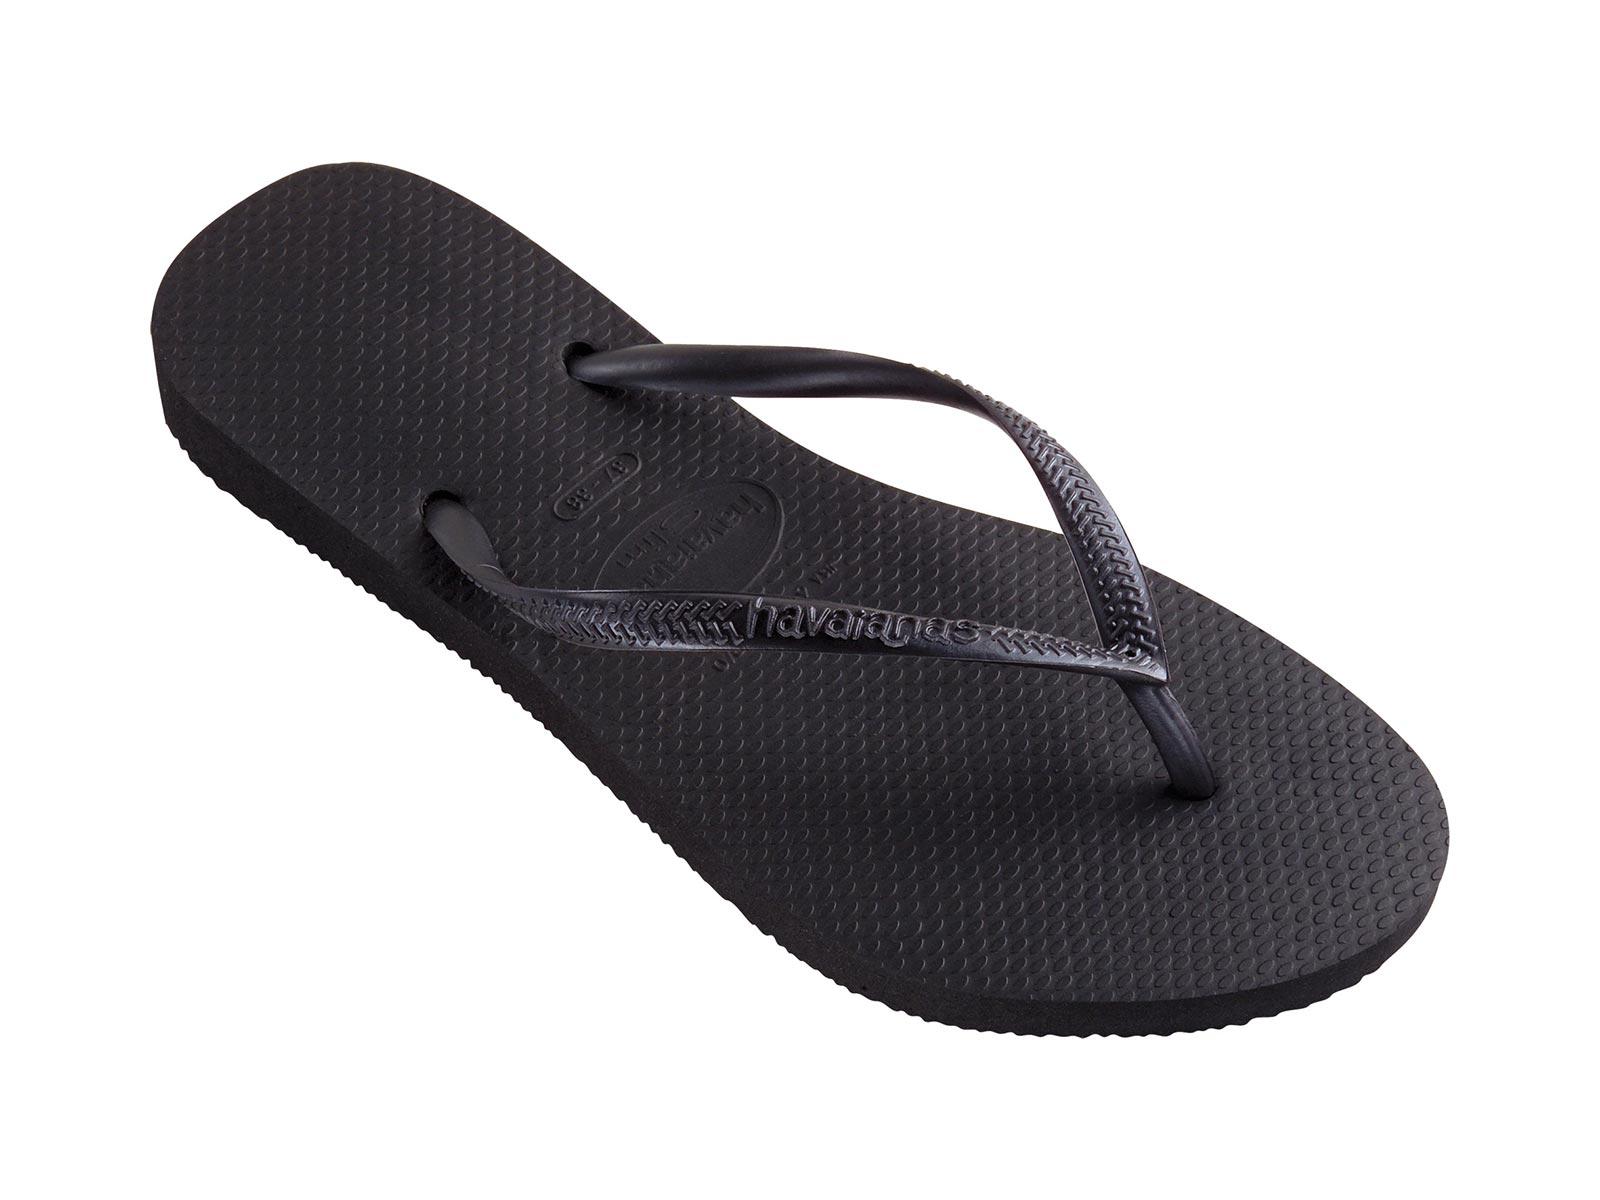 58b845ff1 Flip-Flops Flip-flops - Slim Black - Brand Havaianas